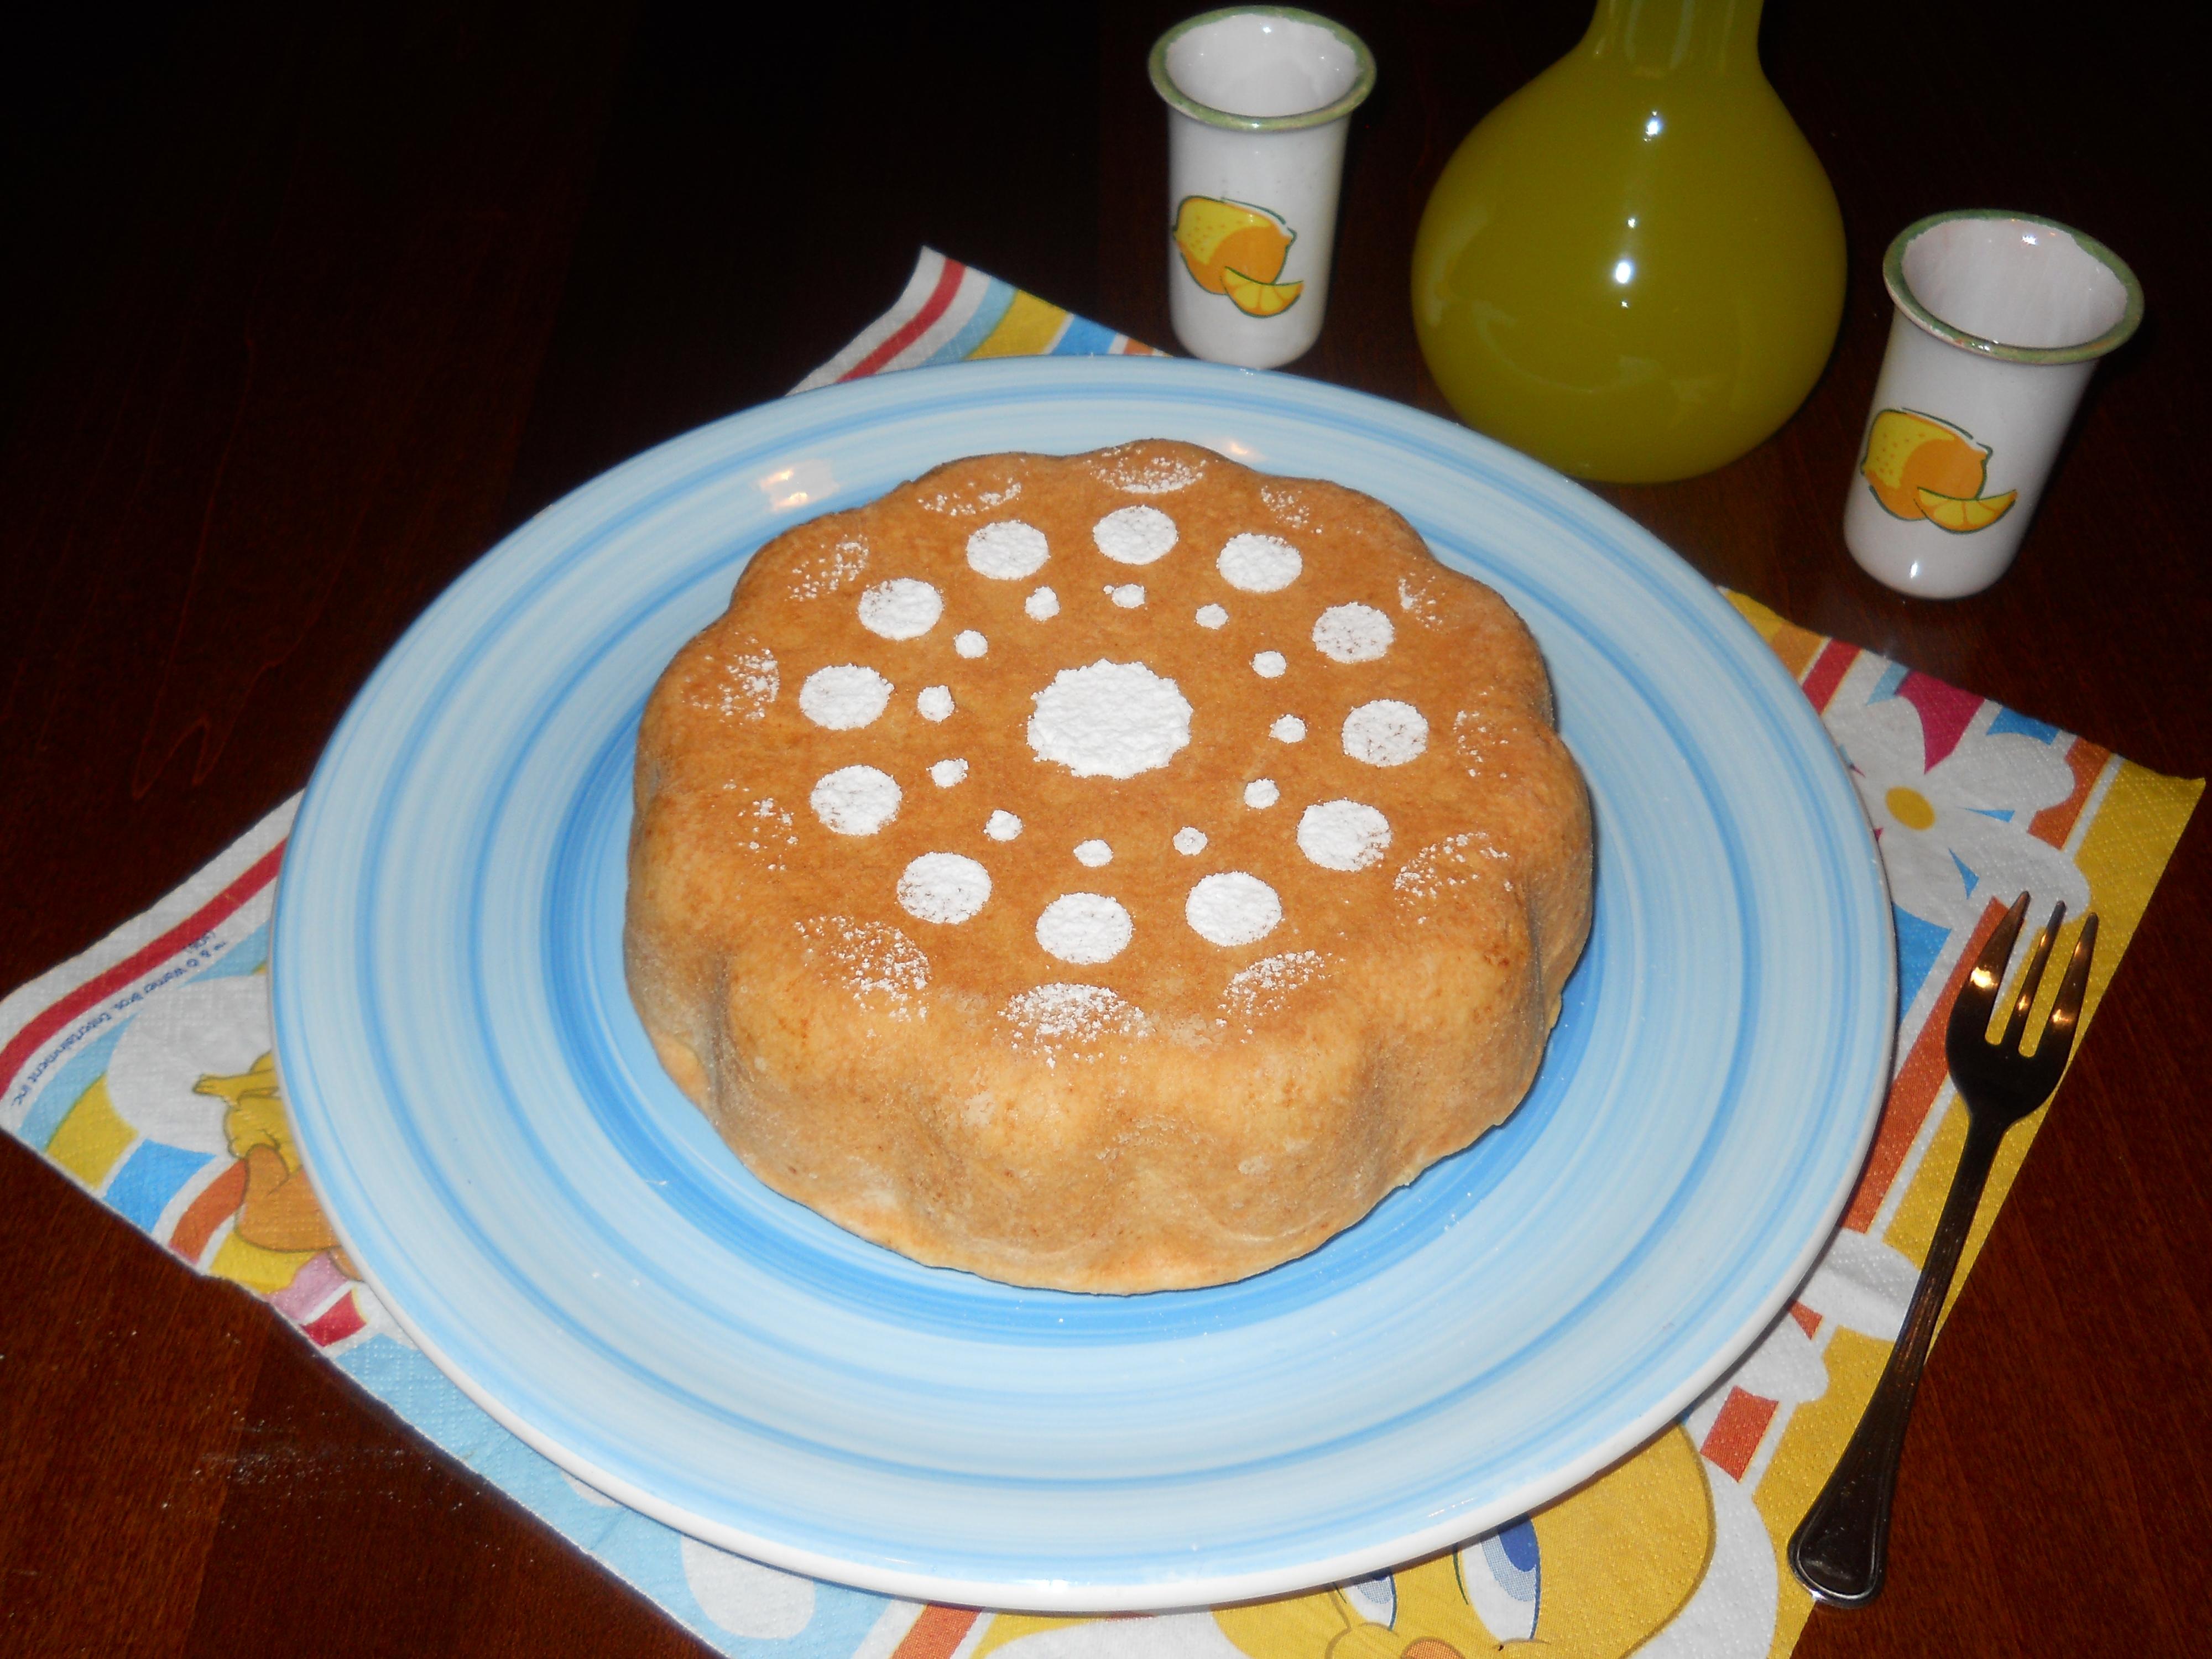 la mia torta frolla con mele e crema pasticcera